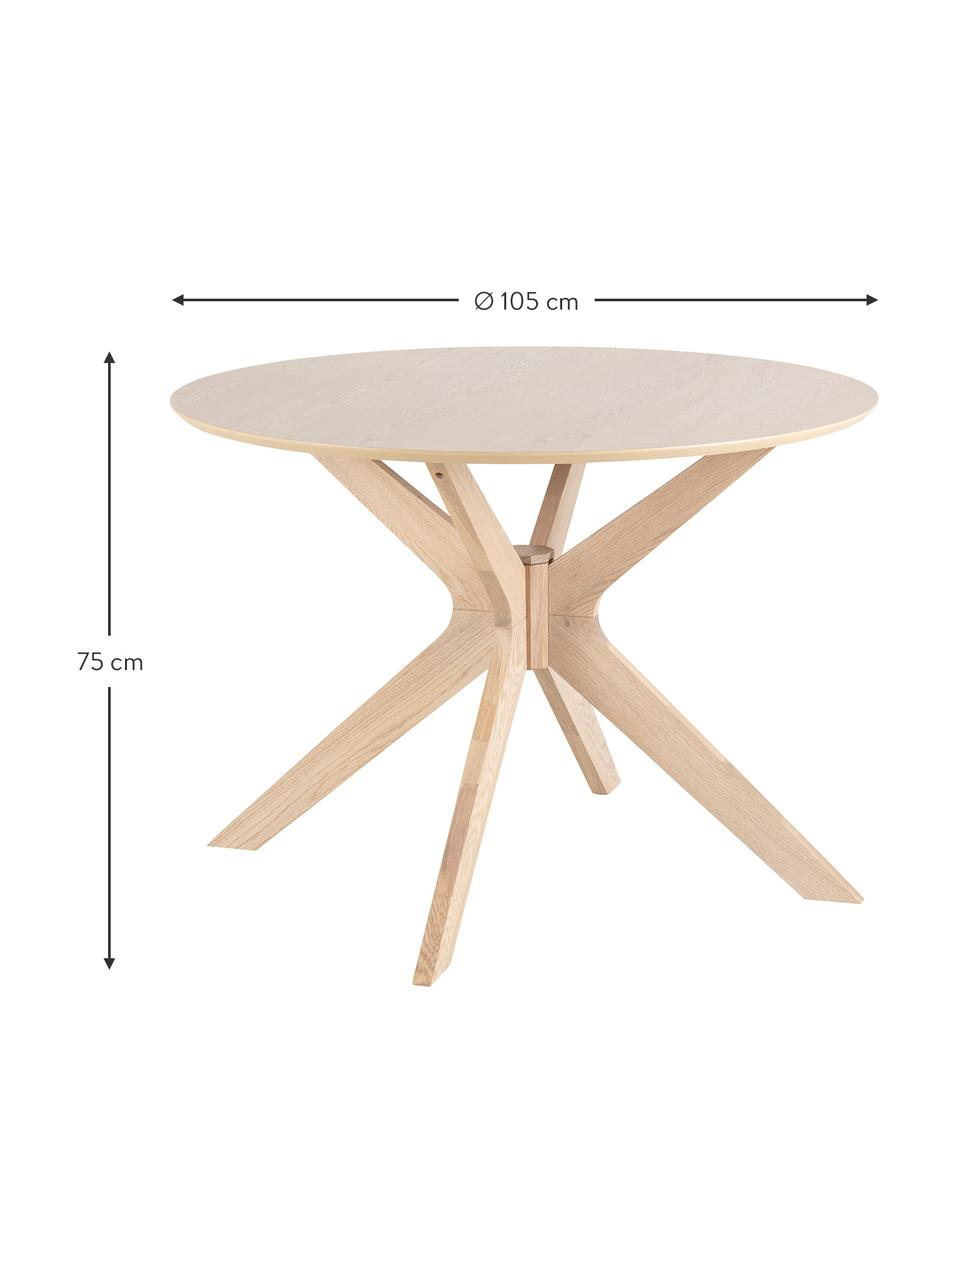 Ronde eettafel Duncan van hout, Tafelblad: MDF met eikenhoutfineer, Poten: massief eikenhout, Eikenhoutkleurig, Ø 105 x H 75 cm